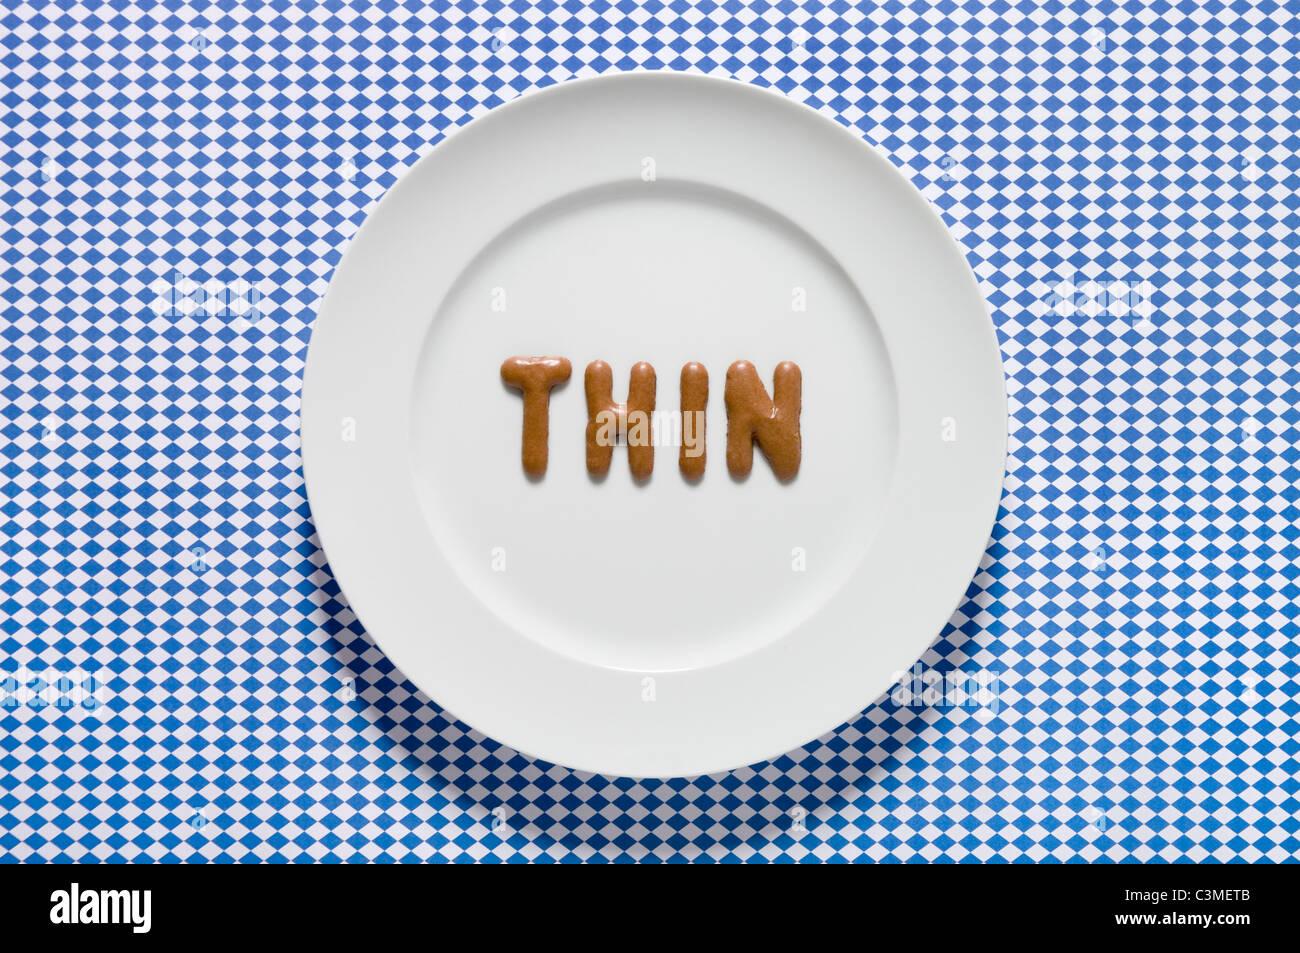 La parola scritta sottile con il pane russo sul piatto, close up Immagini Stock